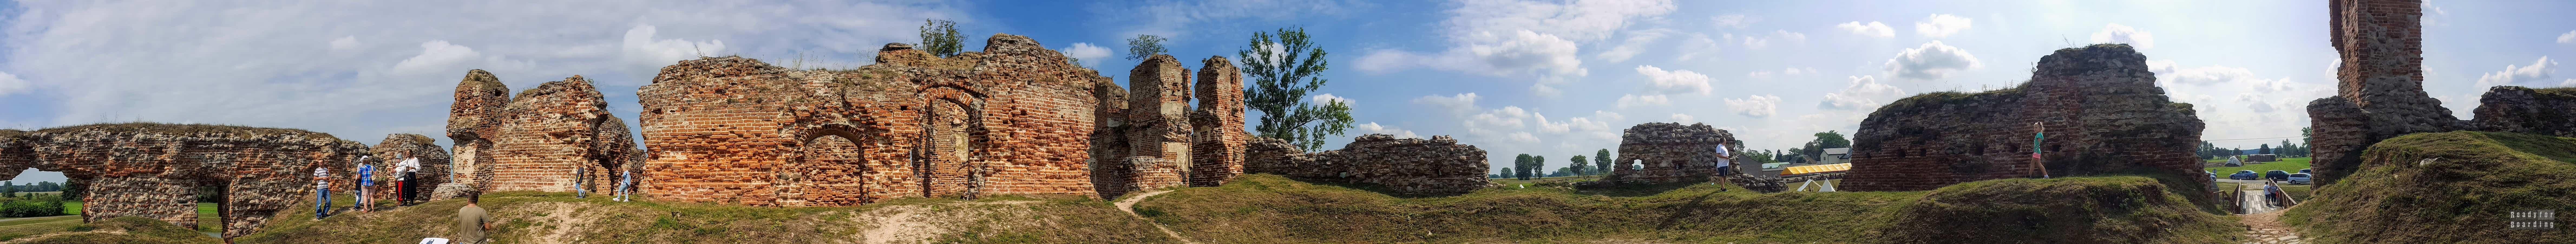 Panorama: Zamek w Besiekierach, województwo łódzkie